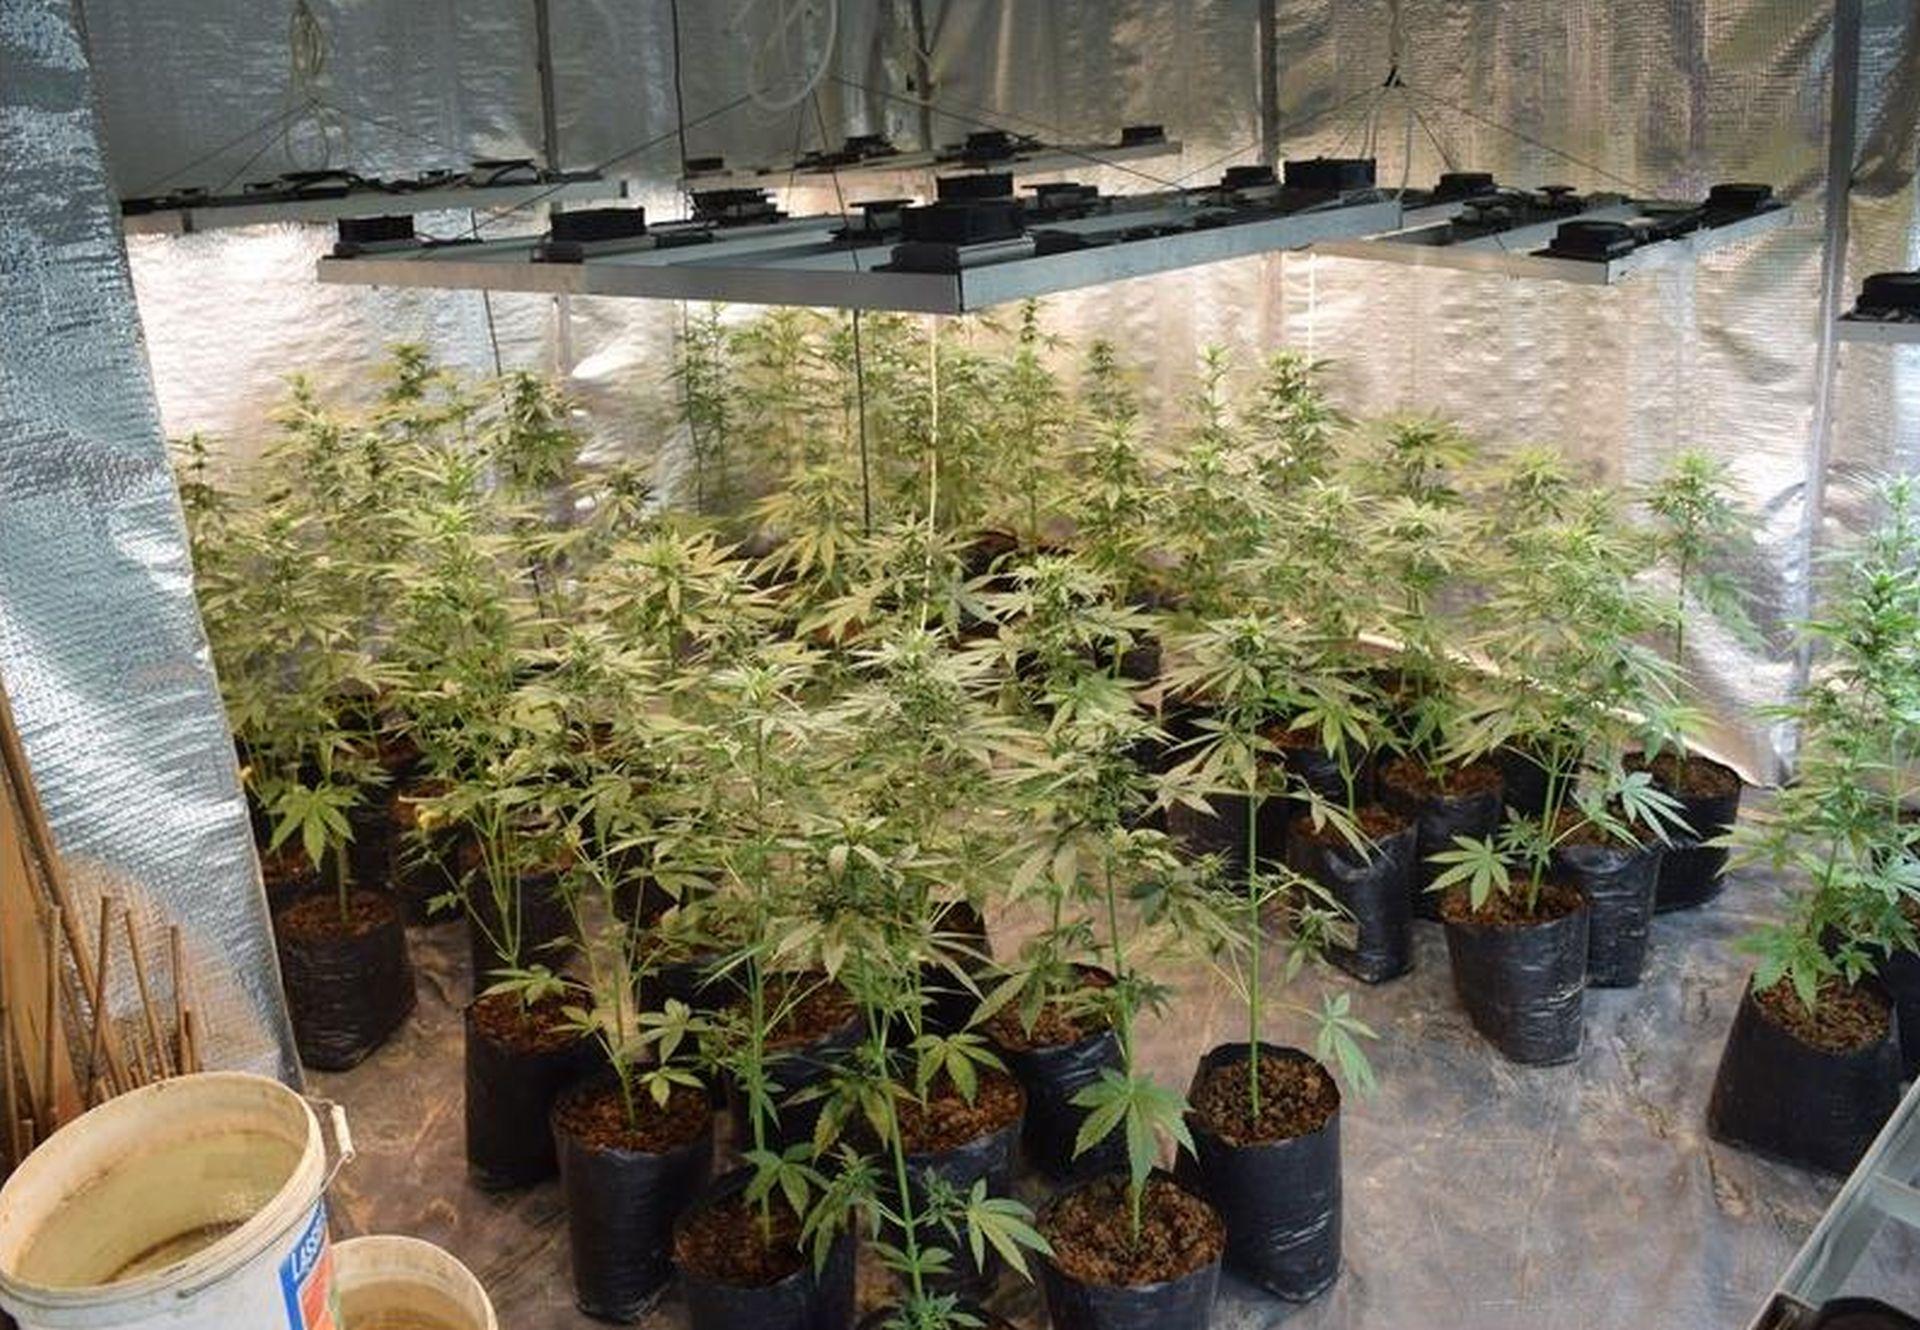 ZADAR Otkriven ilegalni laboratorij za uzgoj marihuane